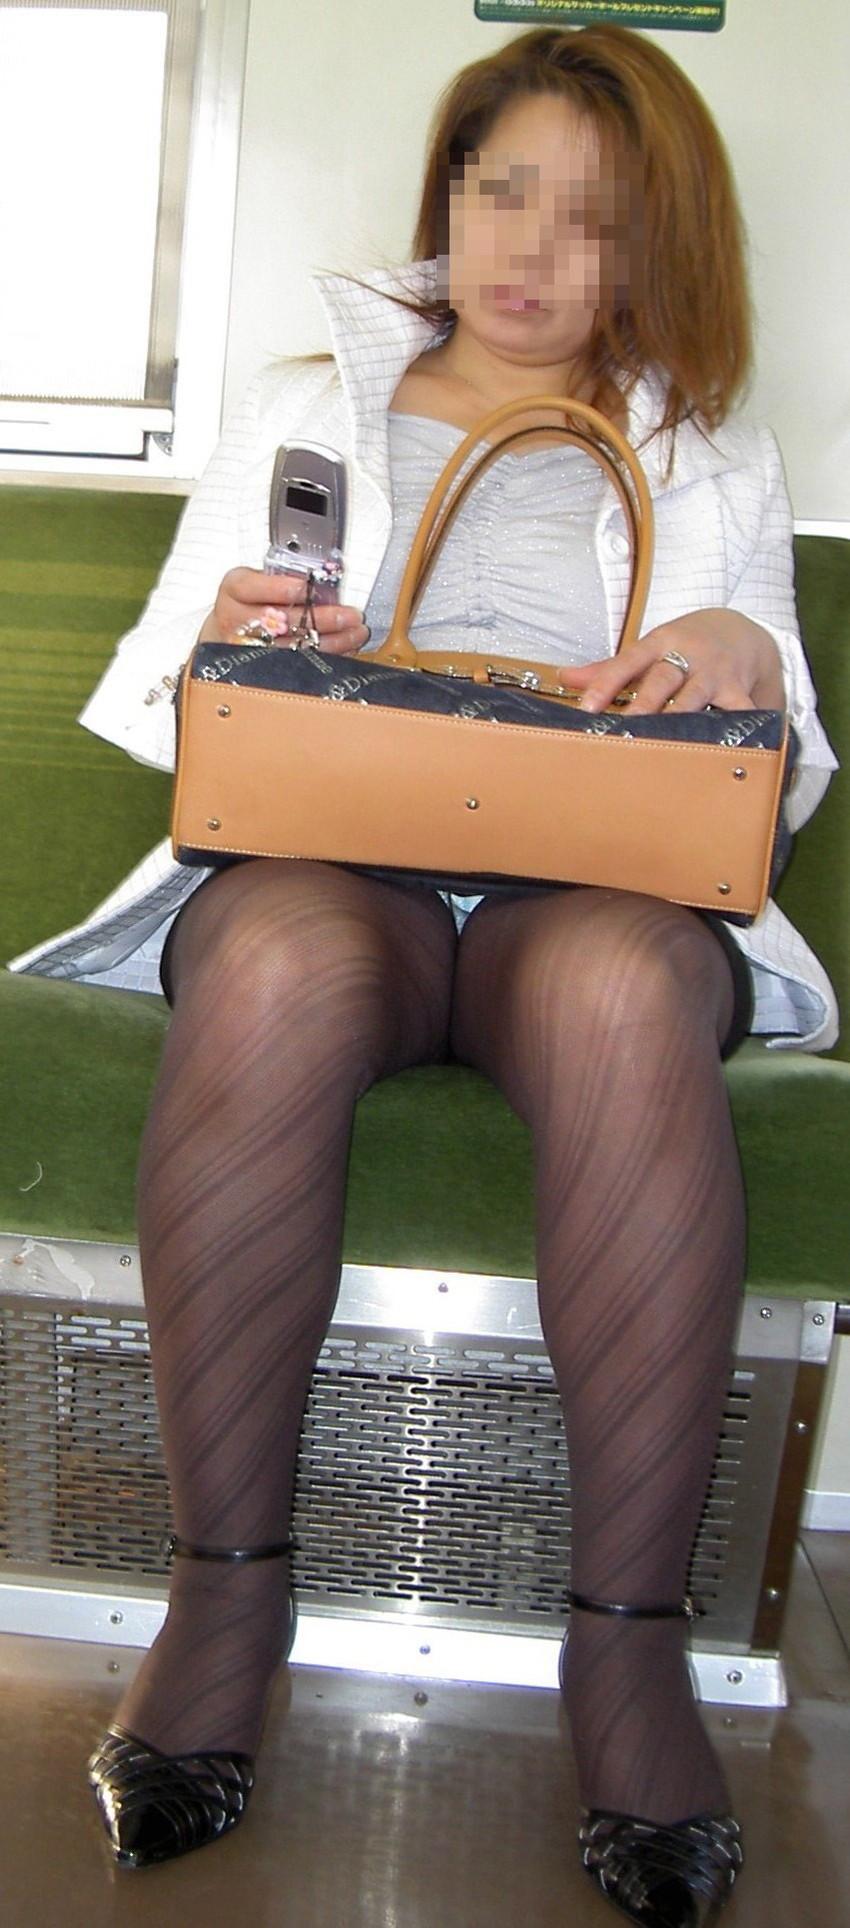 【盗撮パンチラエロ画像】対面の席に座ったスカート姿の女の子の股間が気になる件。 51